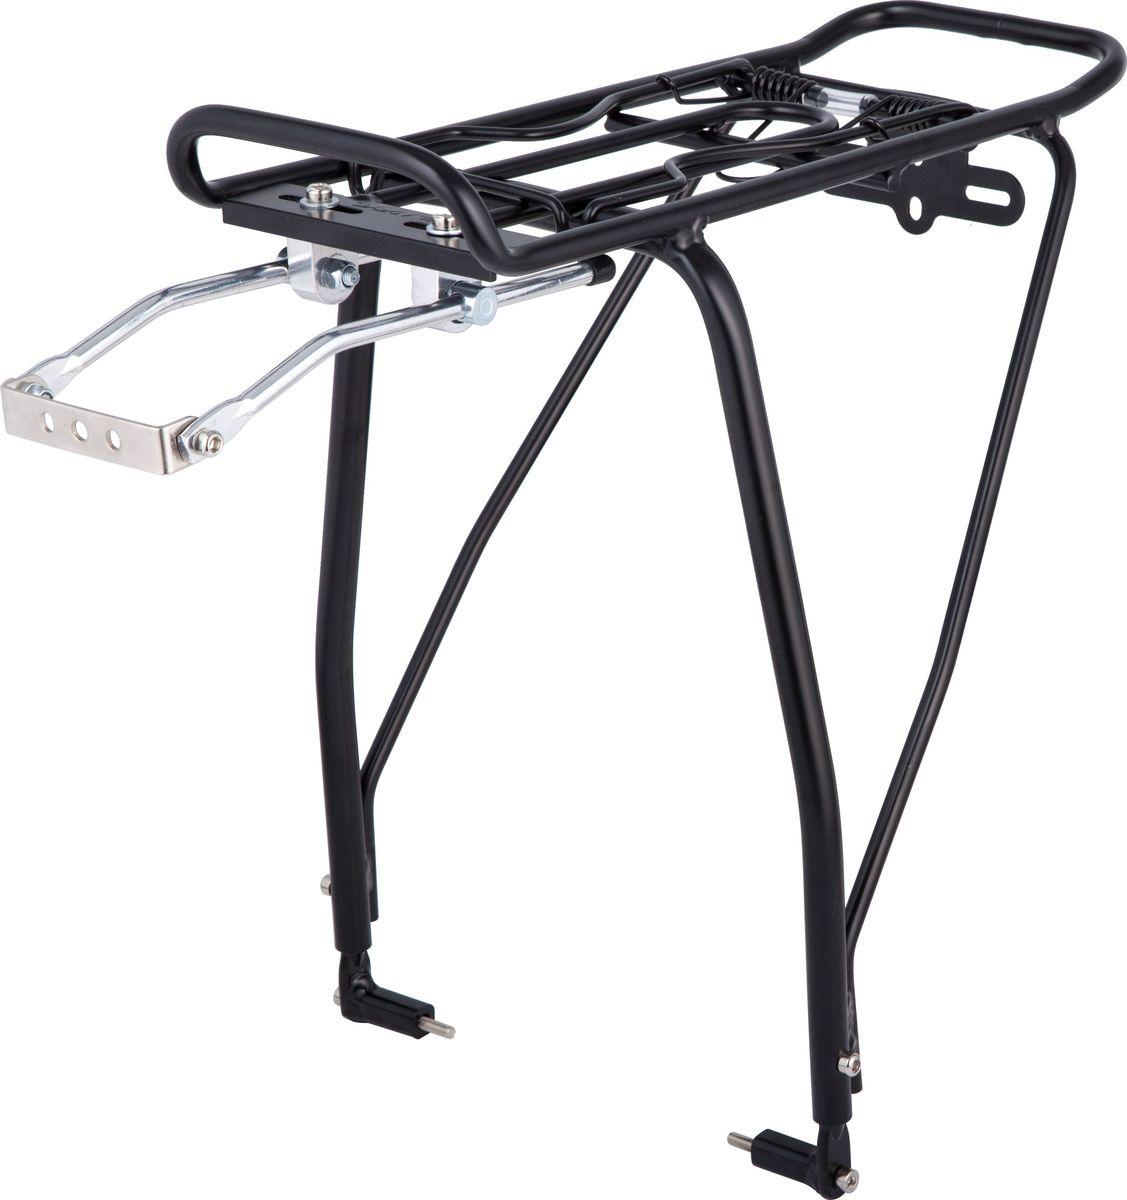 Багажник для велосипеда STG KWA-624-05, задний, под дисковые тормоза, цвет: черный, 26-29 тормоза для велосипеда avid elixir e1